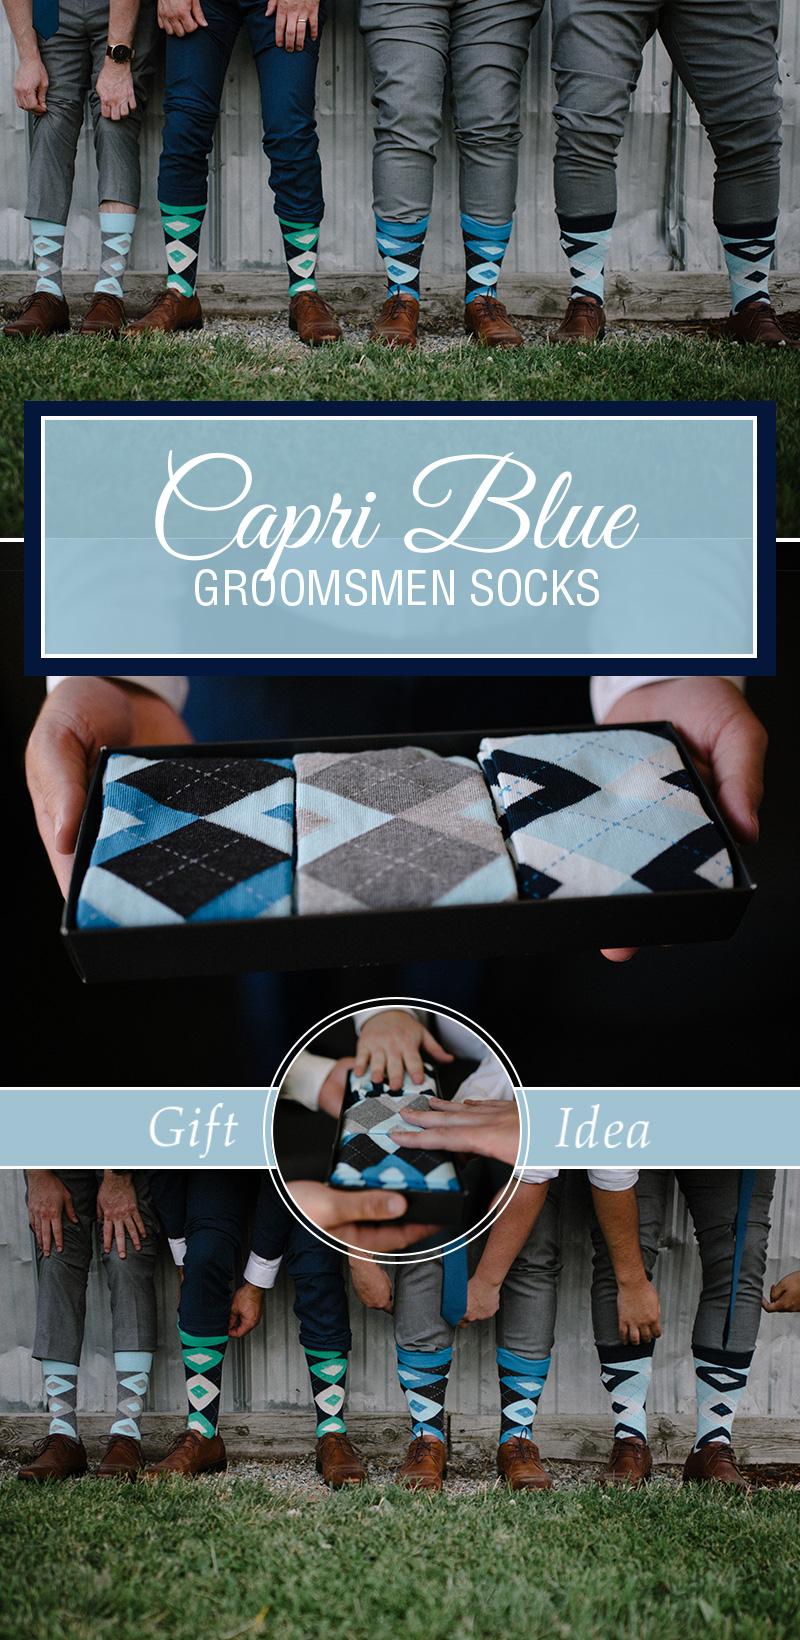 Example of Capri Blue Argyle Men's Groomsmen Dress Socks Gift Box Set from boldSOCKS